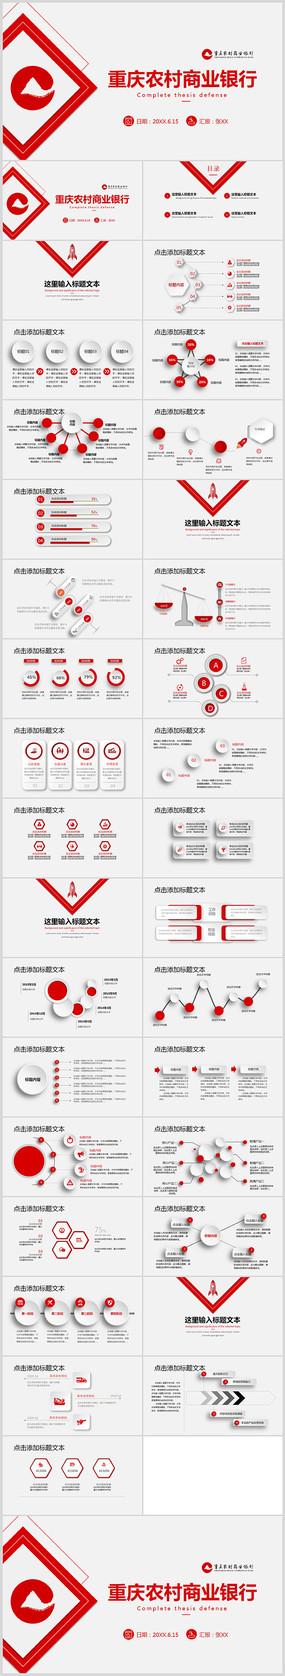 重庆农村商业银行总结动态ppt模板